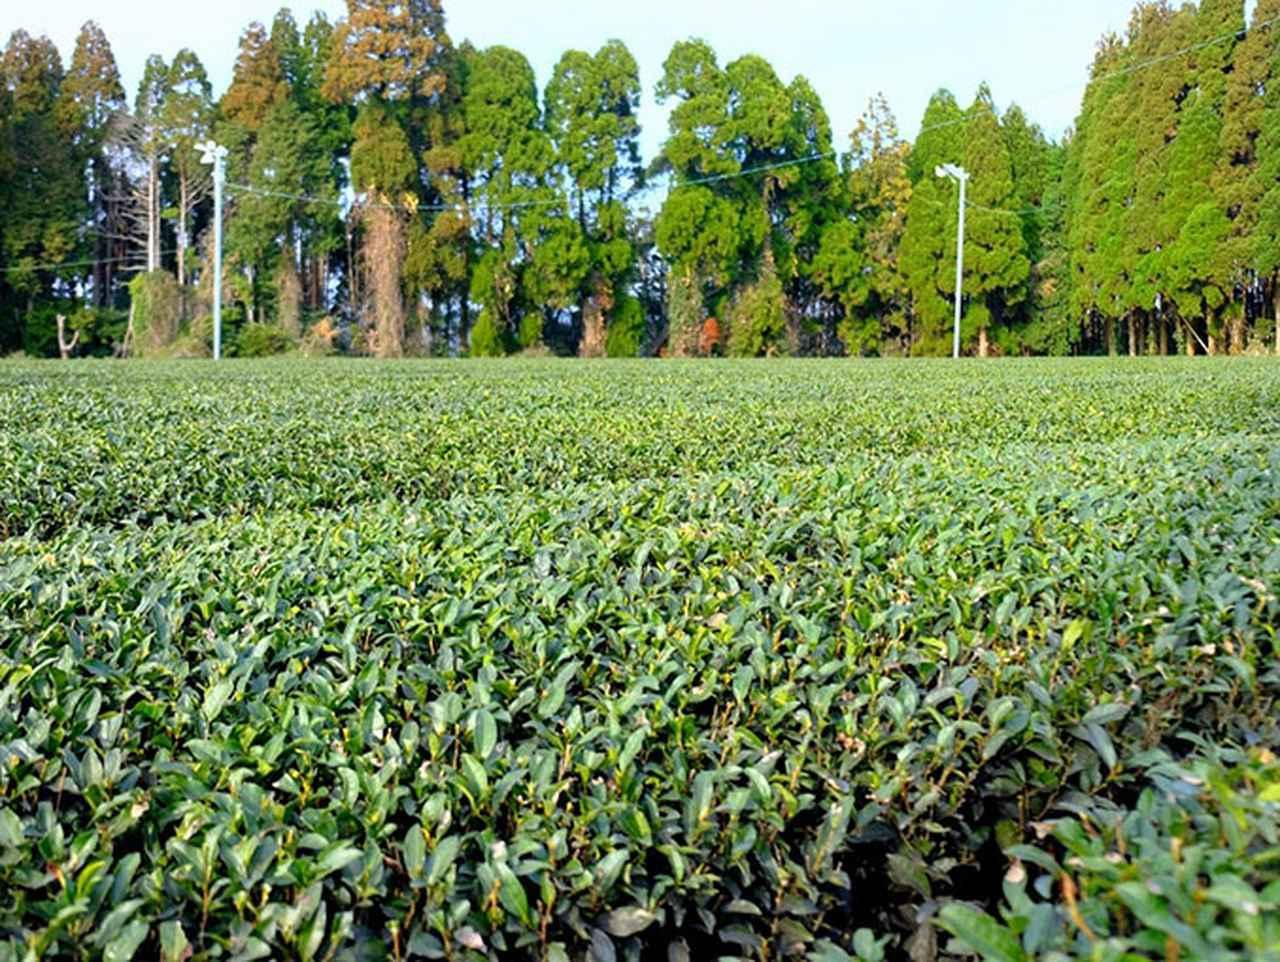 画像: 茶どころ鹿児島らしい風景。大きな茶畑が広がる中を進みます。